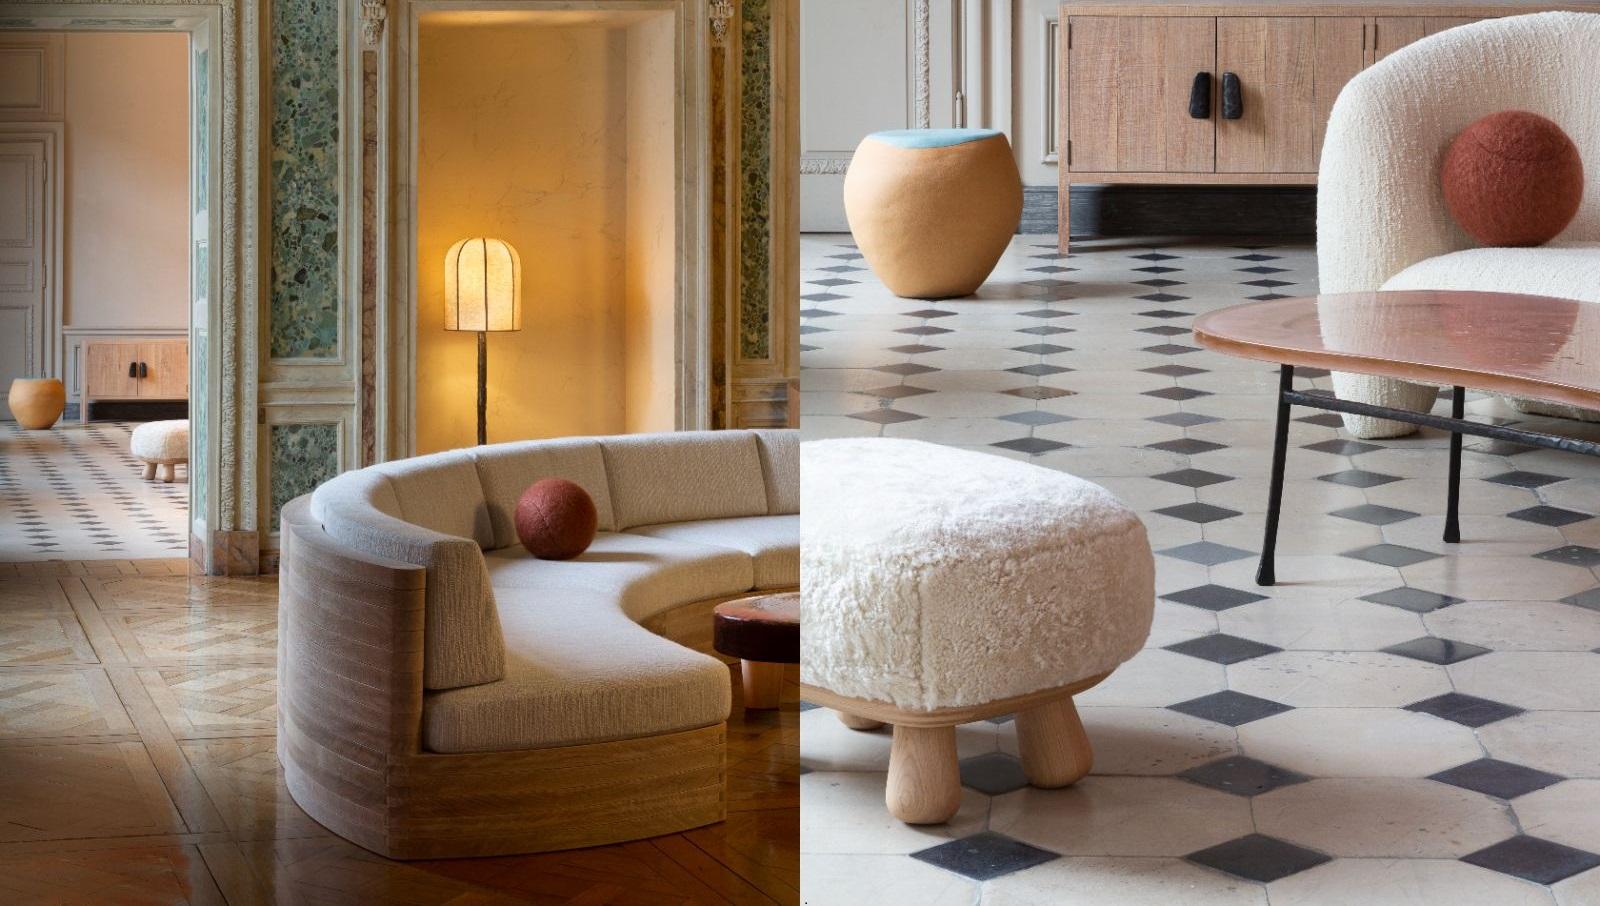 法國室內設計師Pierre Yovanovitch 推出全新家具作品